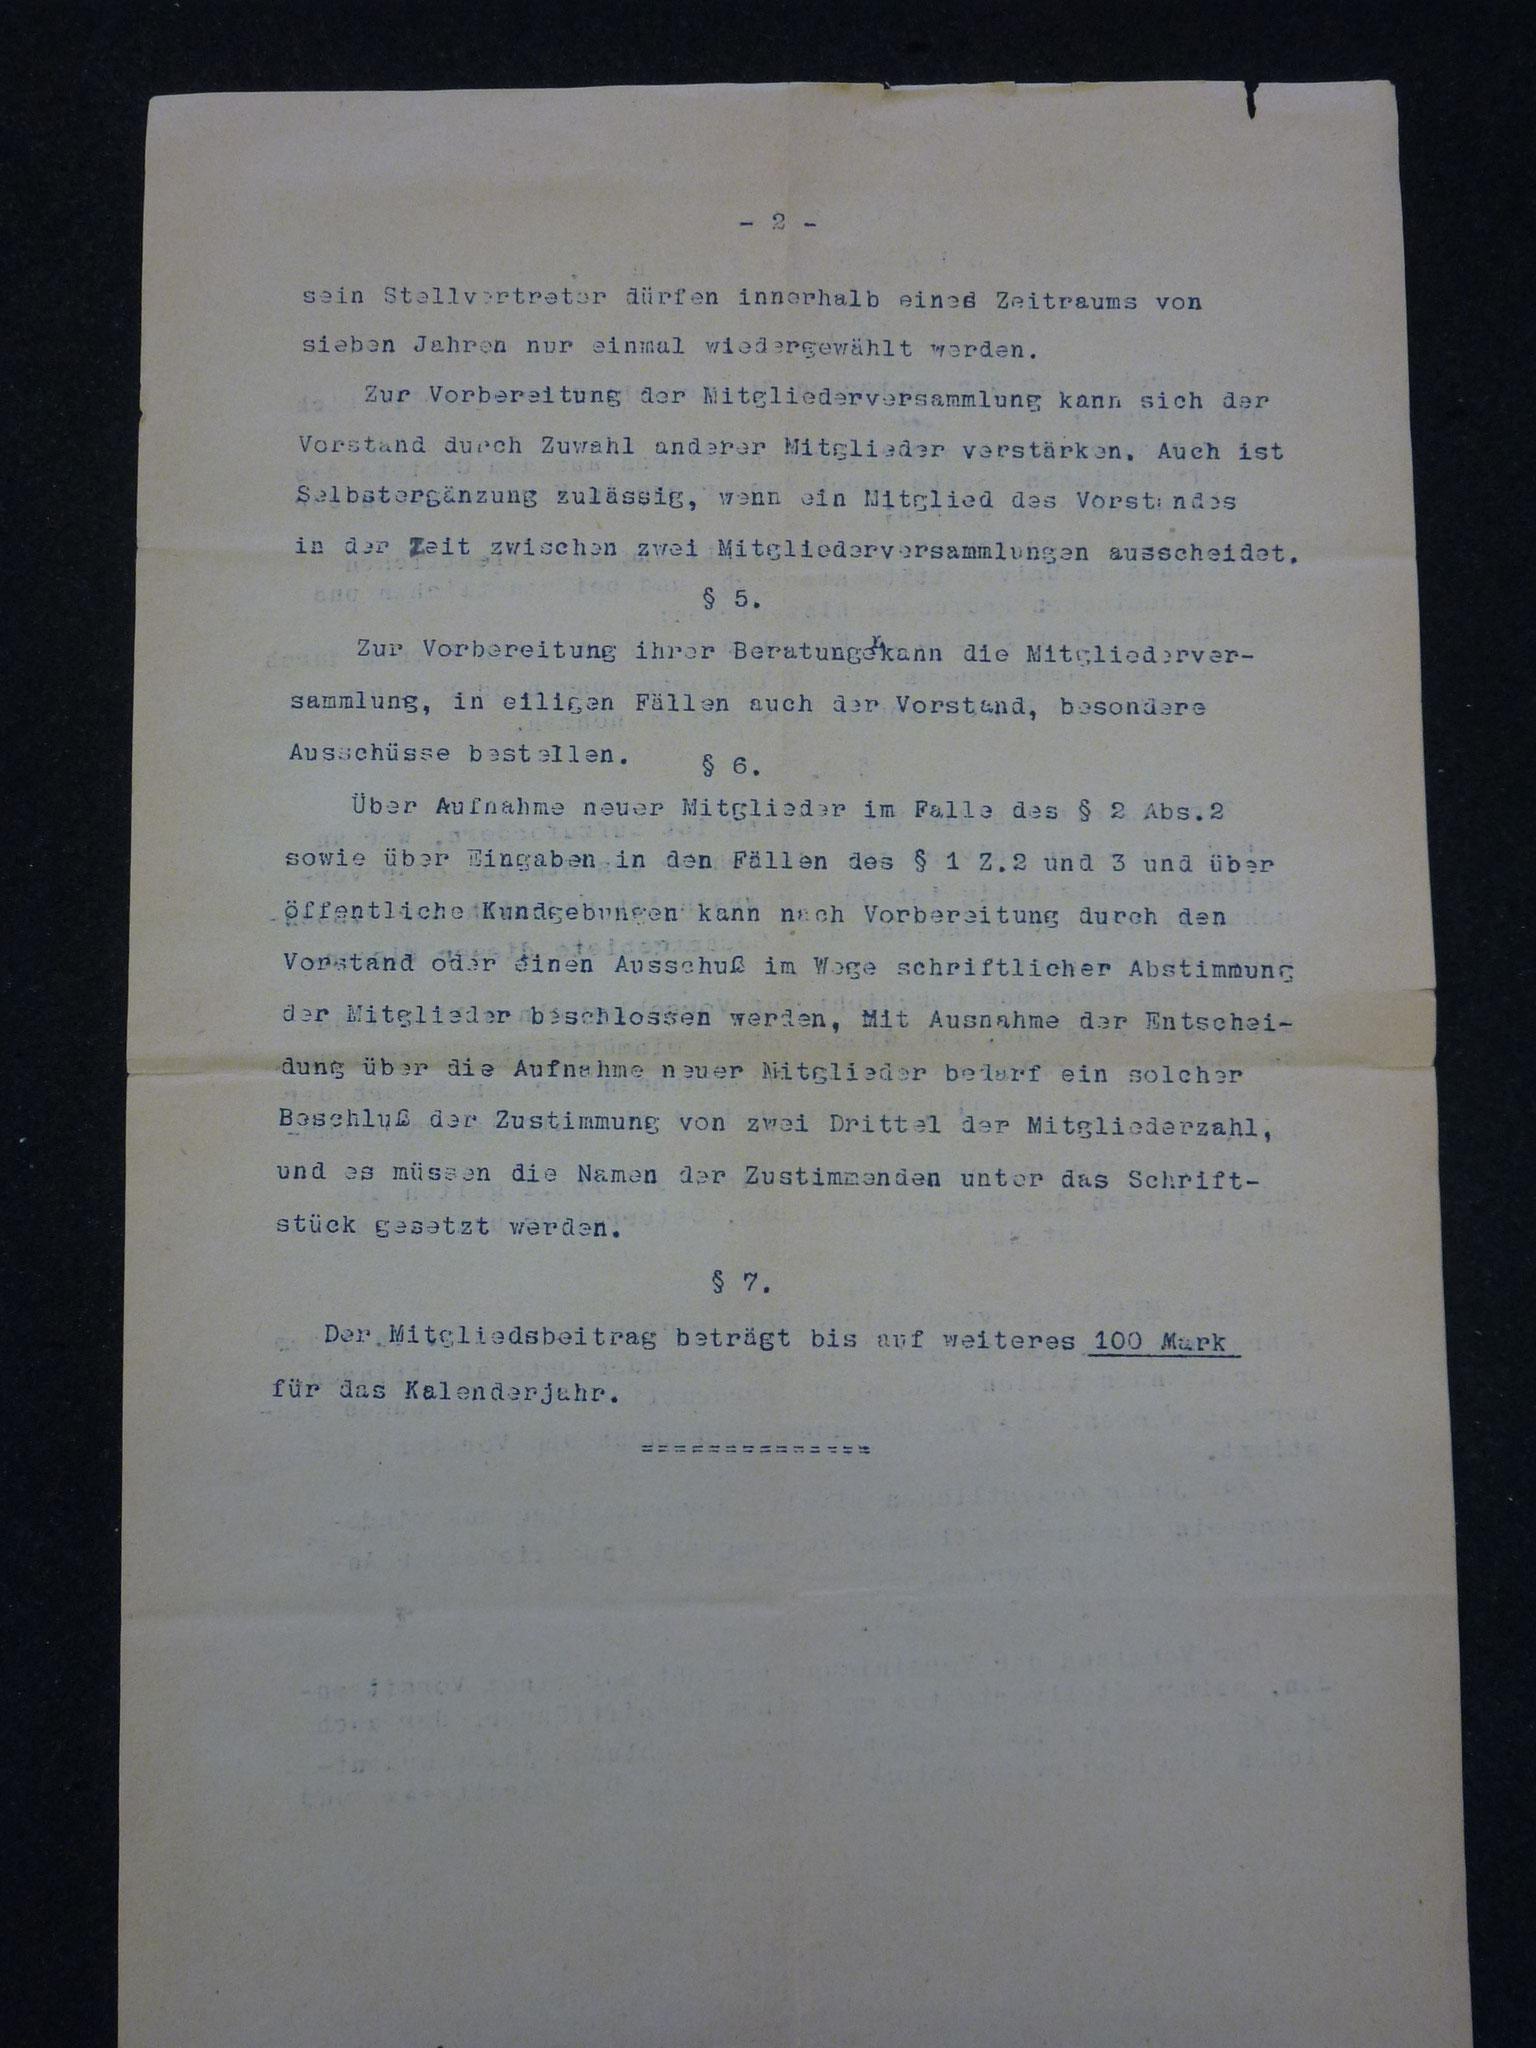 Entwurf einer Satzung der Vereinigung 1922 / 2